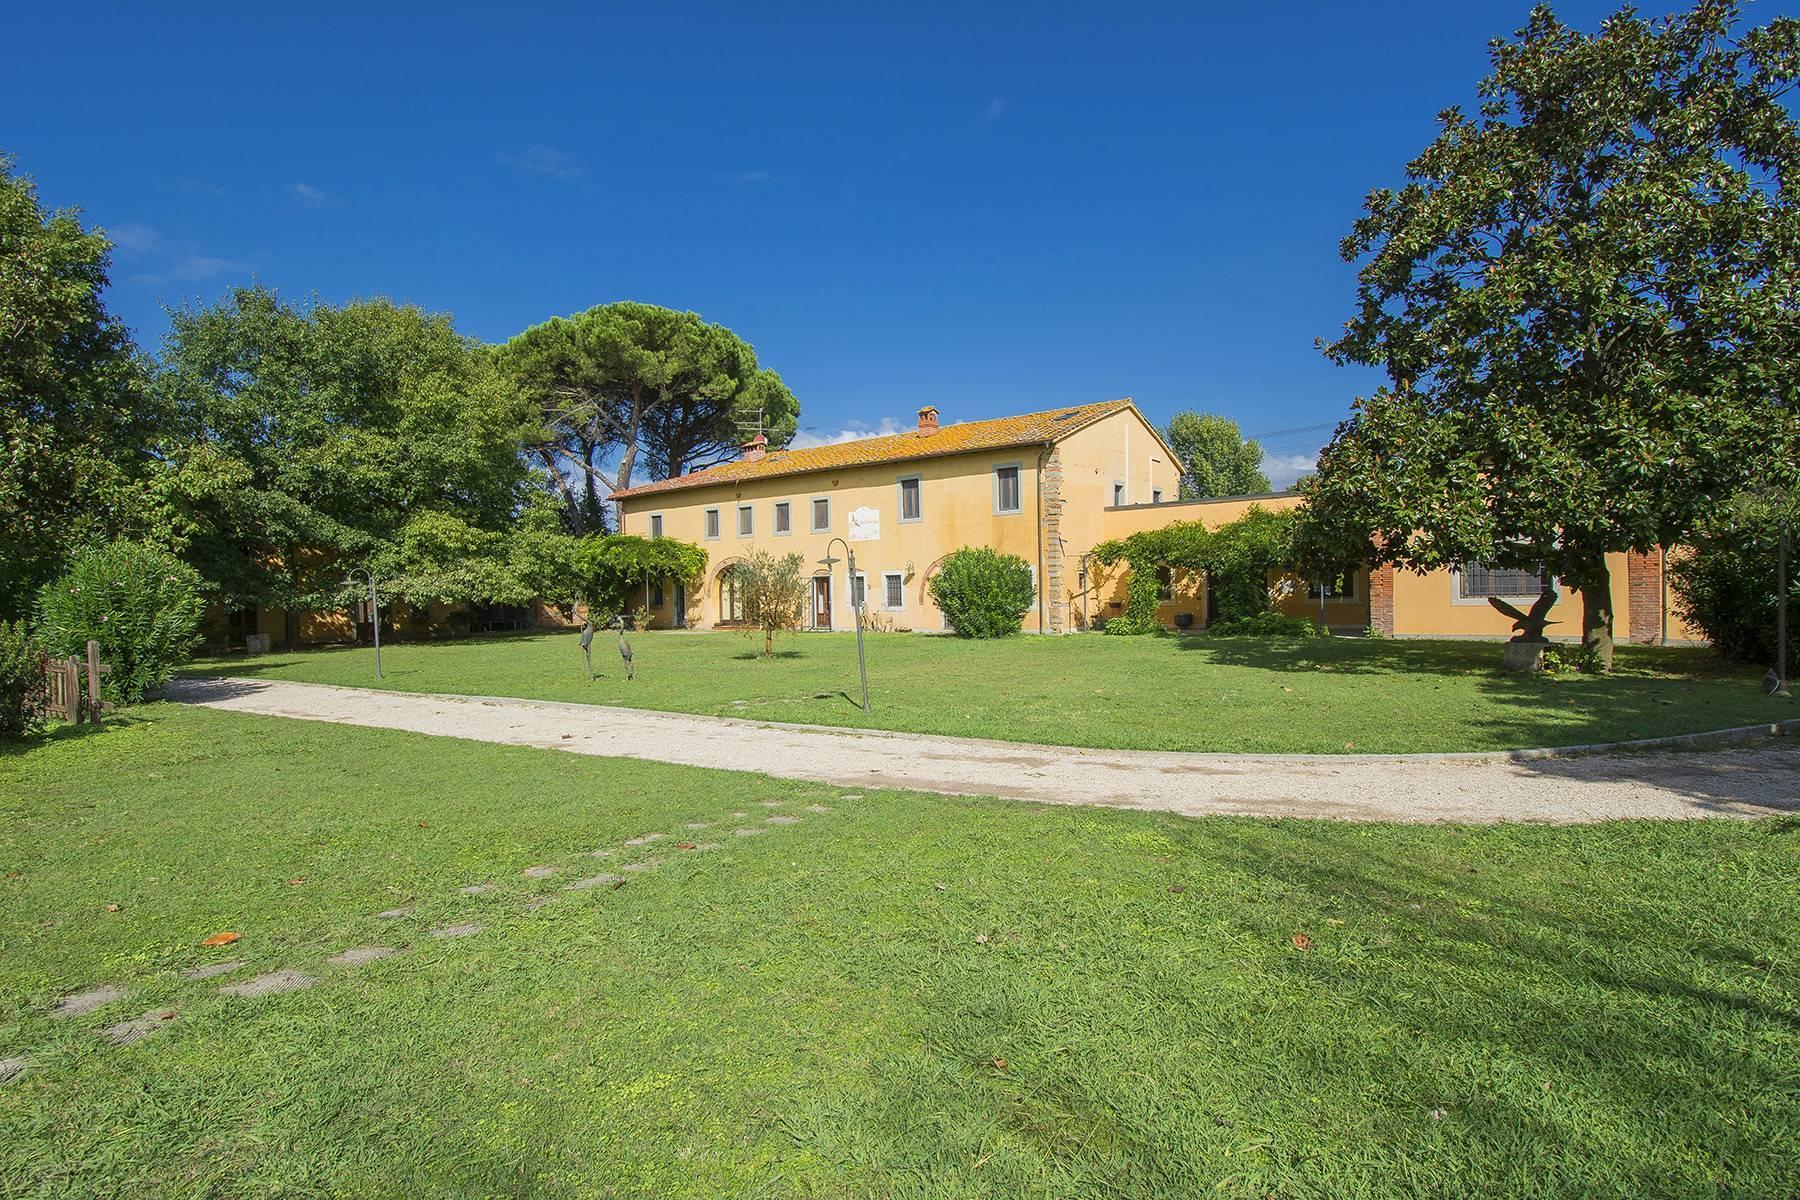 Bauernhaus mit Reitschule auf dem toskanischen Landschaft - 20